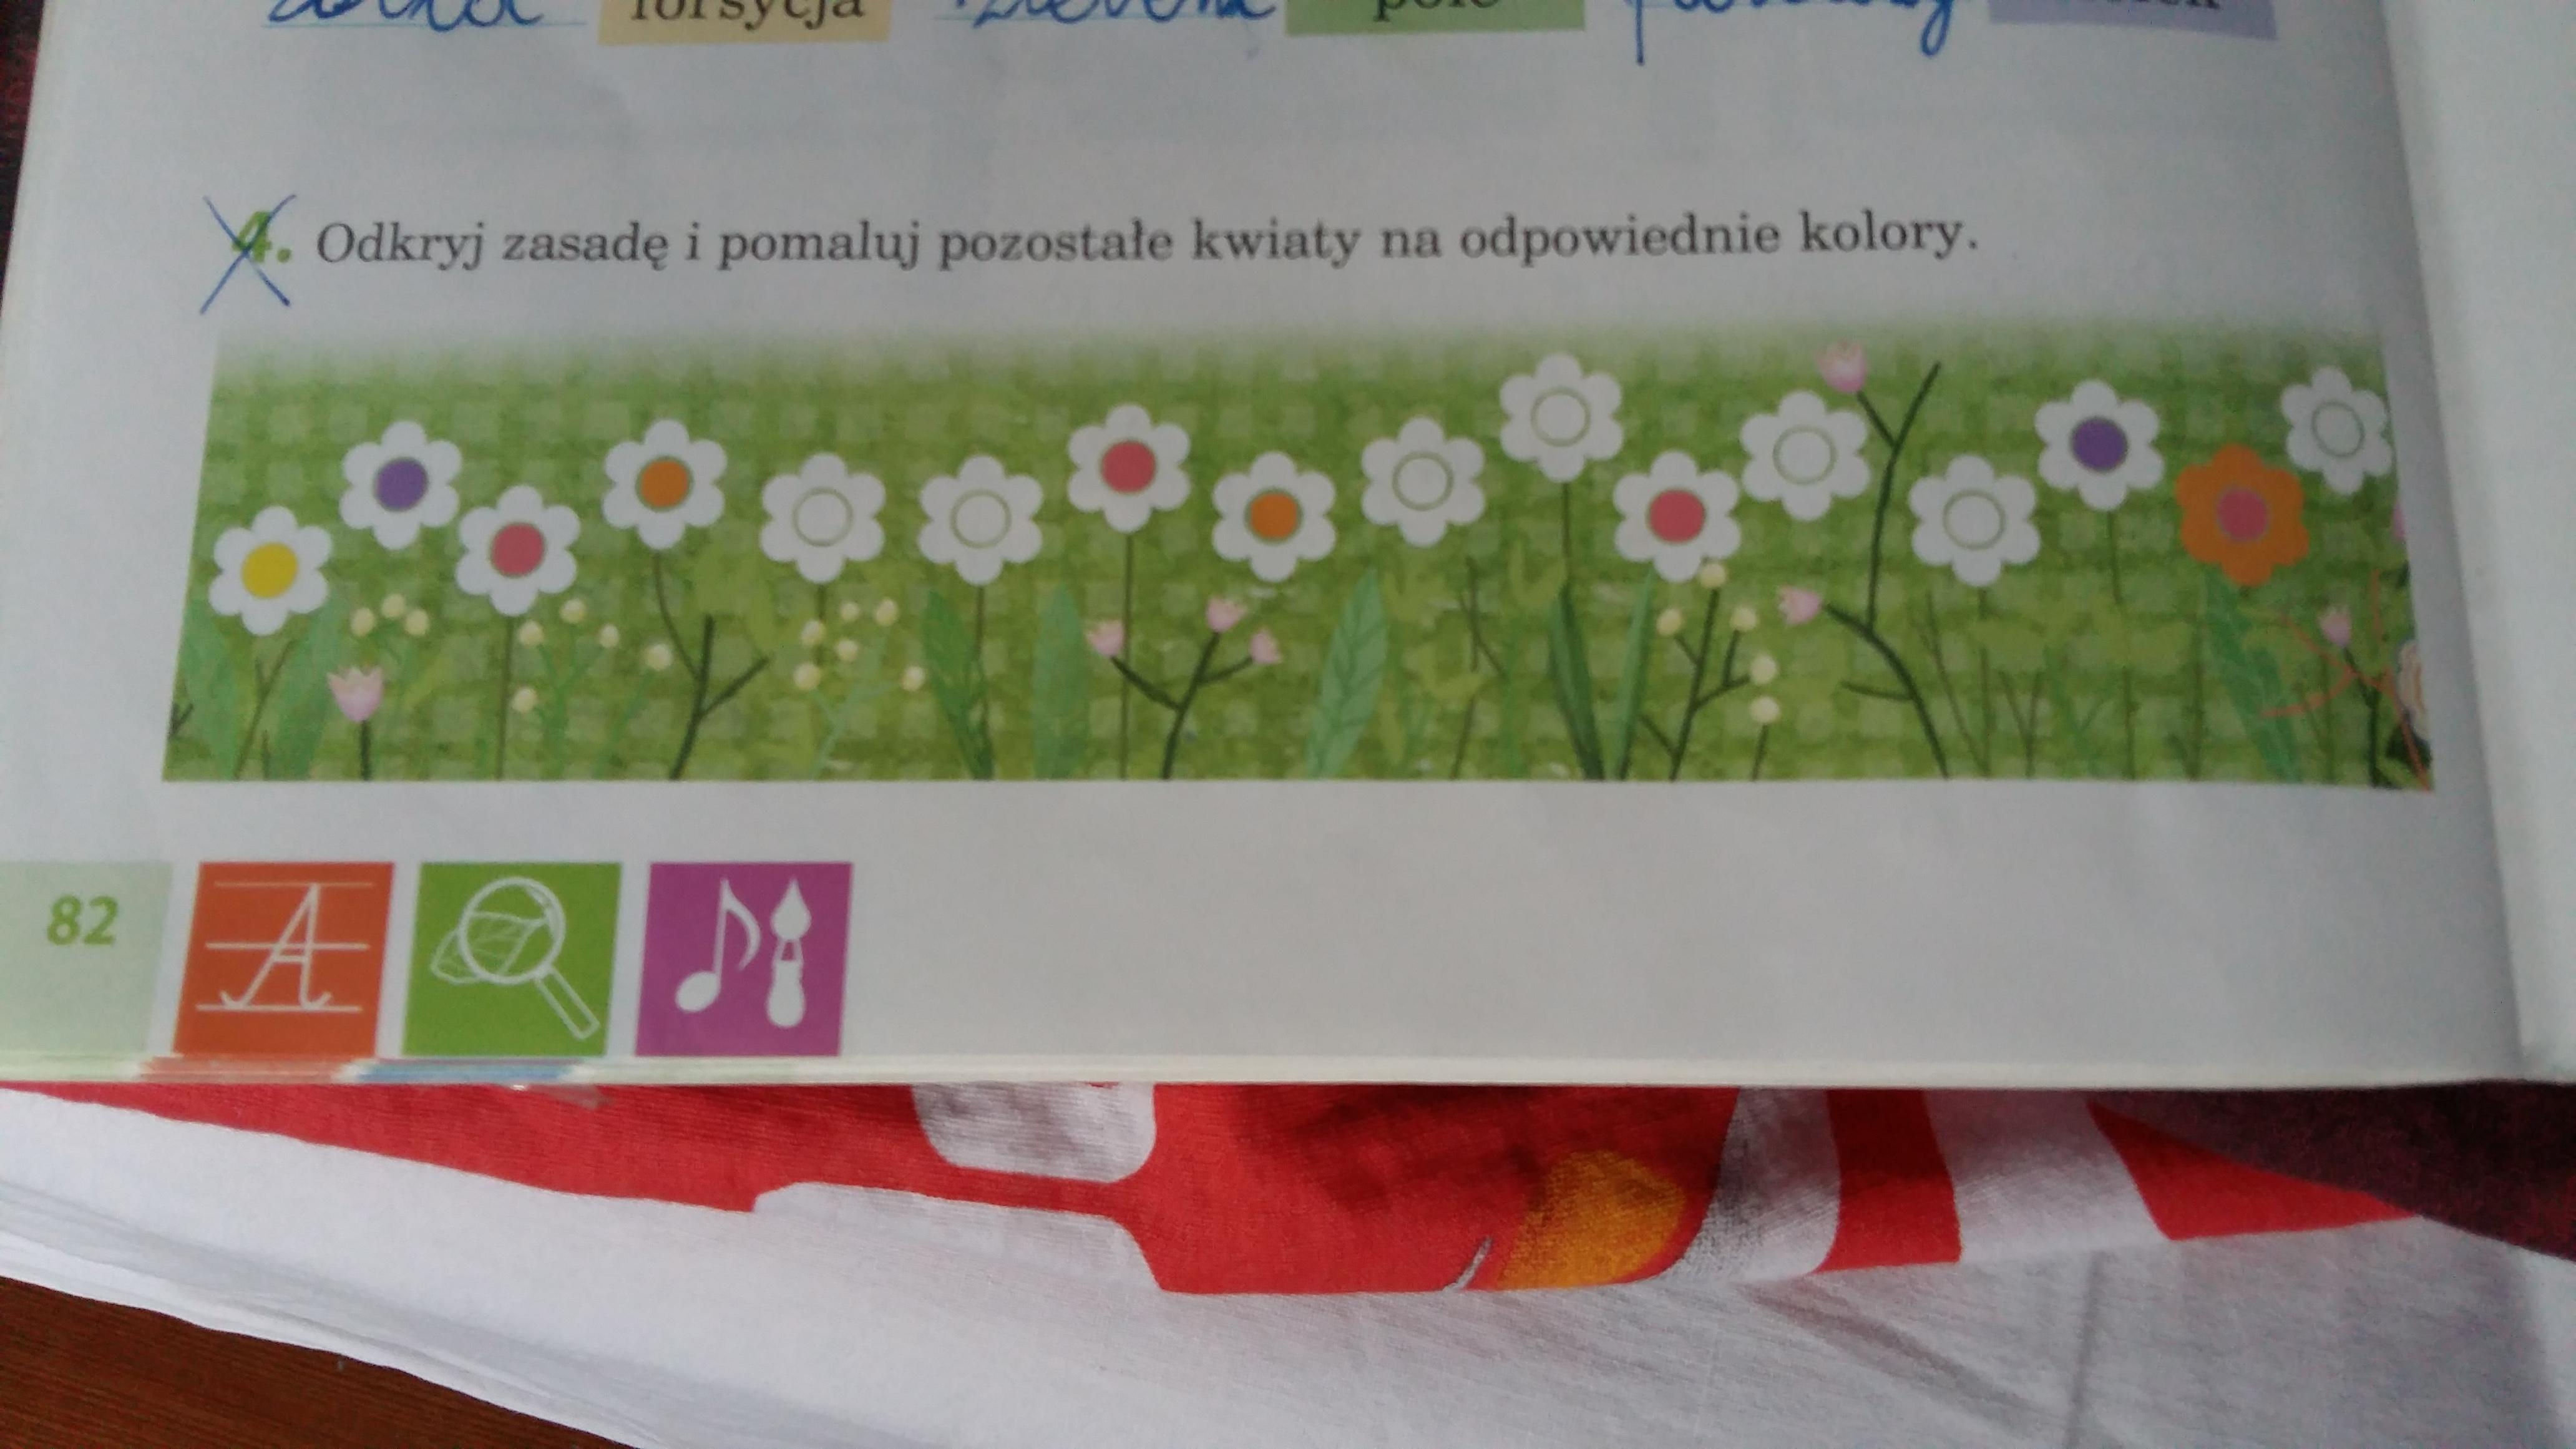 435941301e2fd Odkryj zasadę i pomaluj pozostałe kwiaty na odpowiednie kolory ...